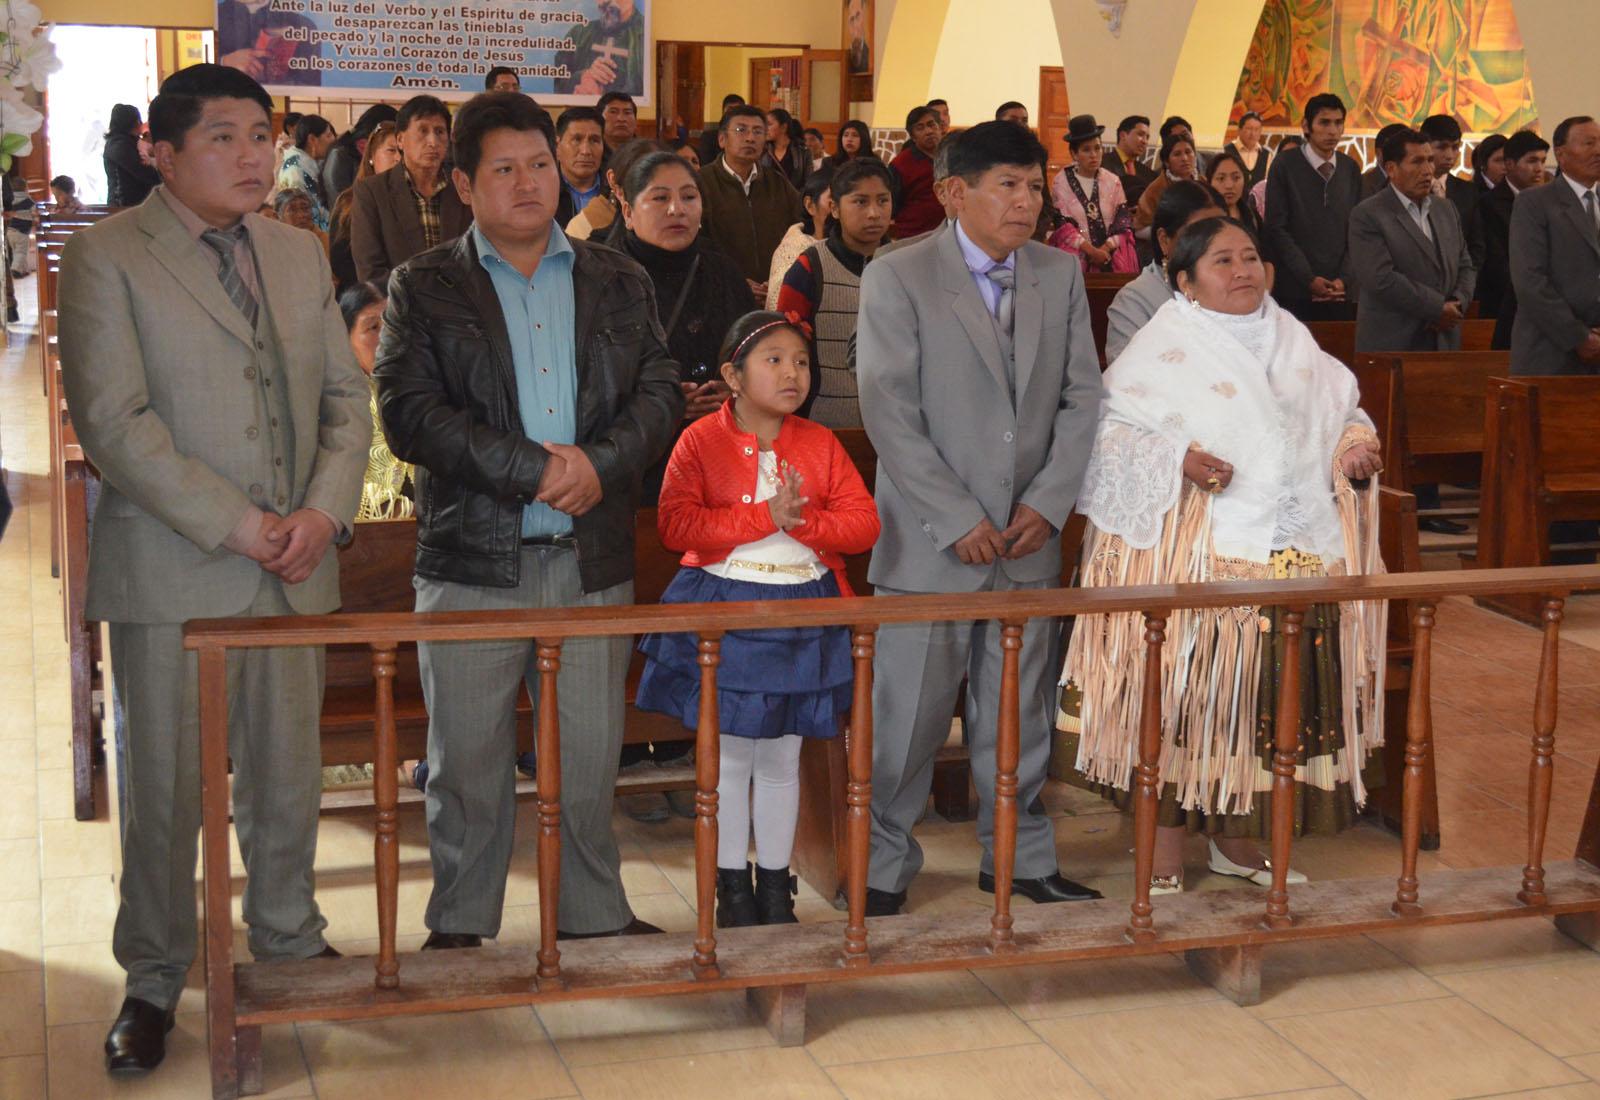 La festividad del Apostol Santiago está muy enraigada en El Alto